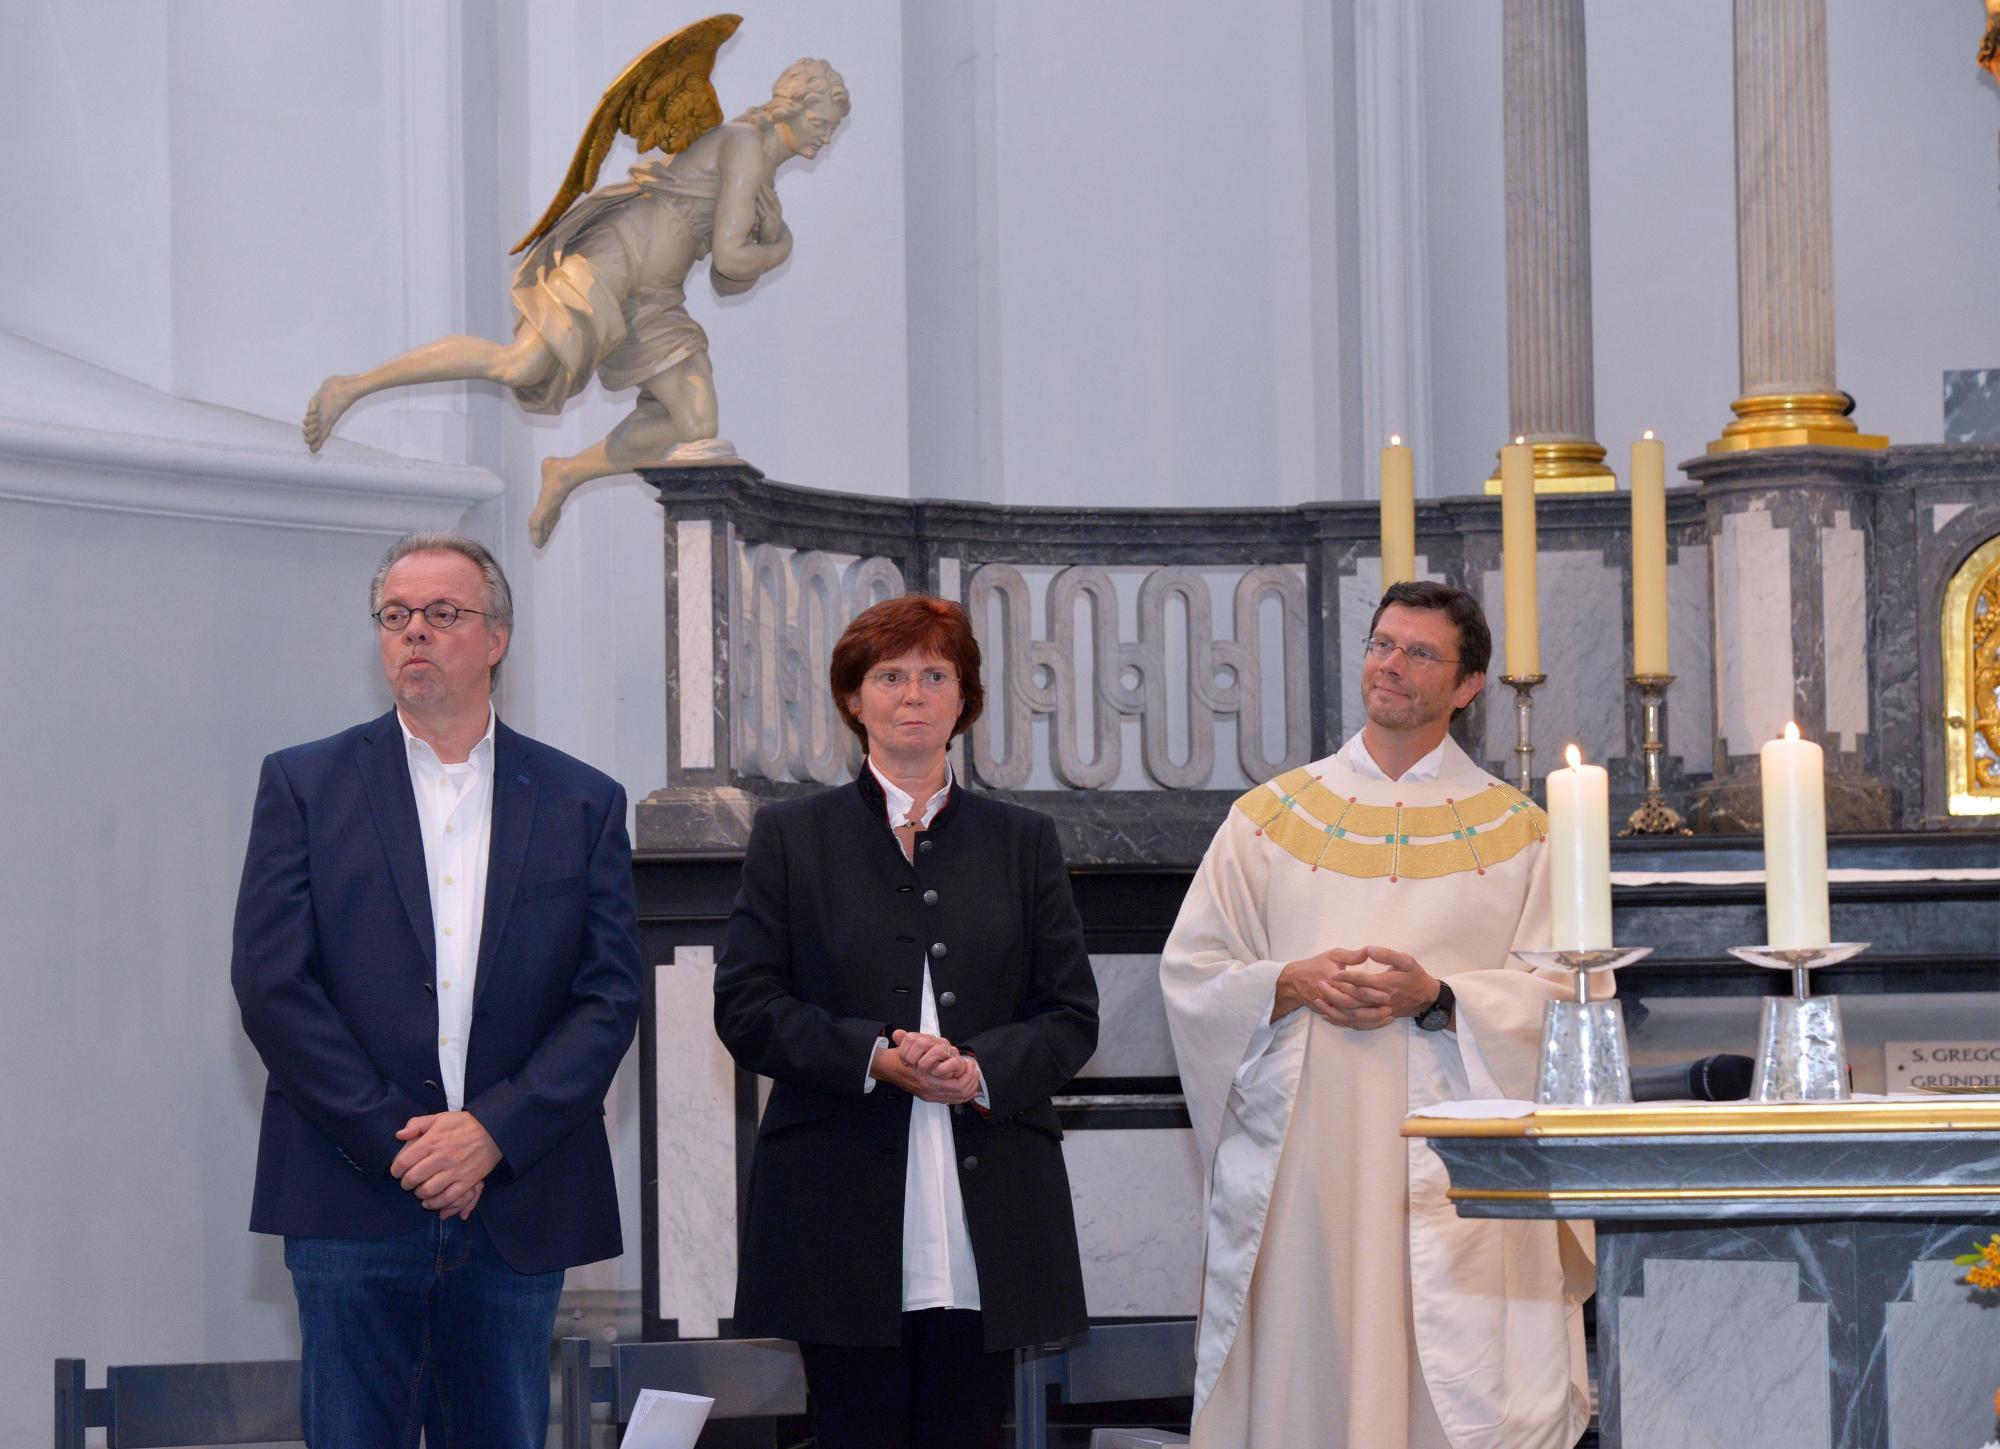 Einführung Regionalteam Aachen-Stadt (c) Bistum Aachen / Andreas Schmitter